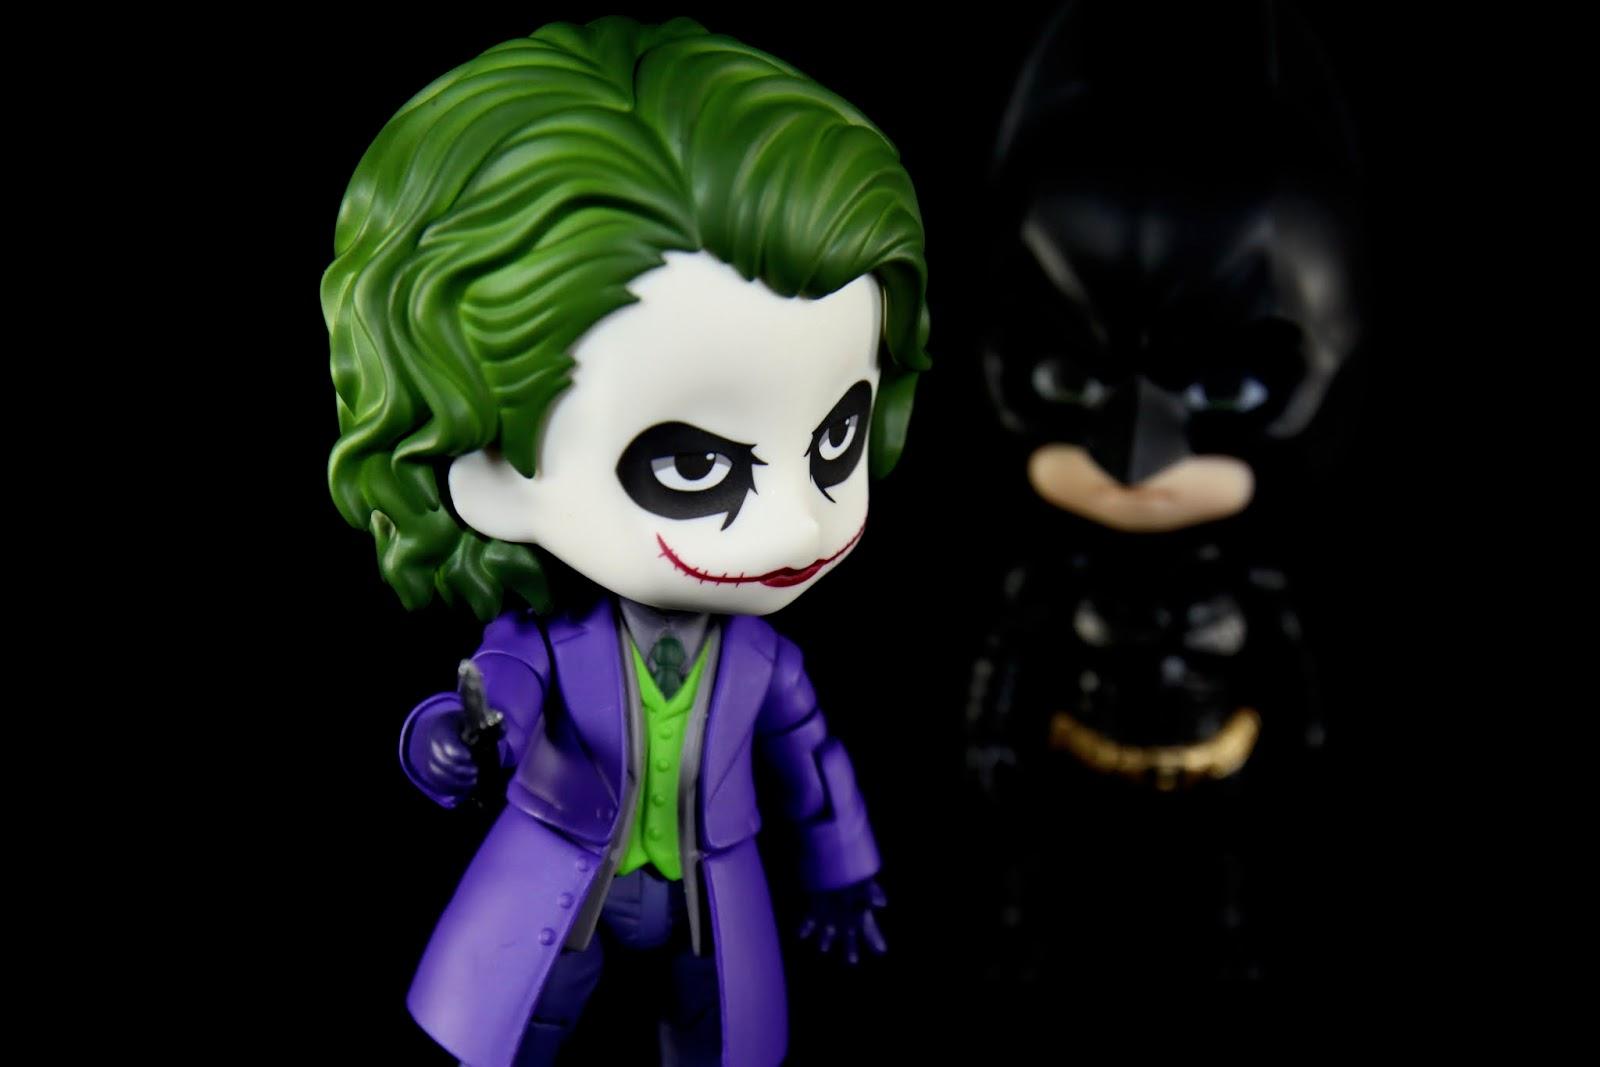 阿蝙跟小丑就是鏡子裡的兩人啊~